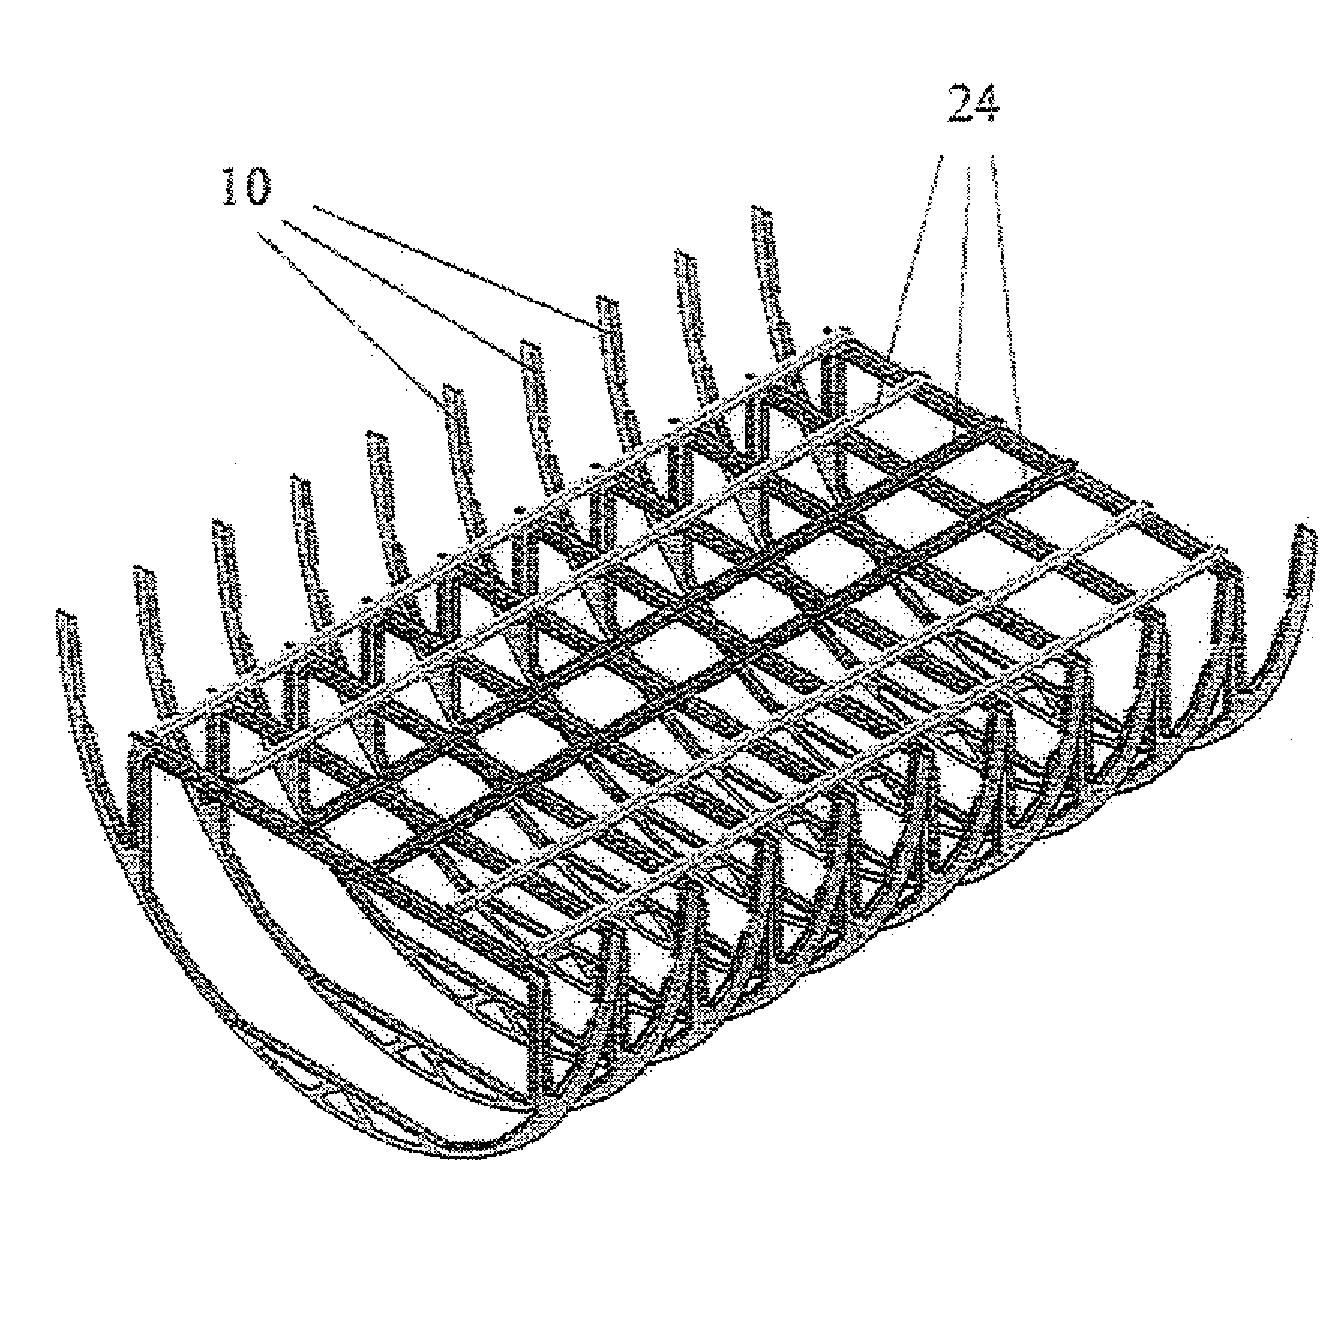 Patent Us20090321569